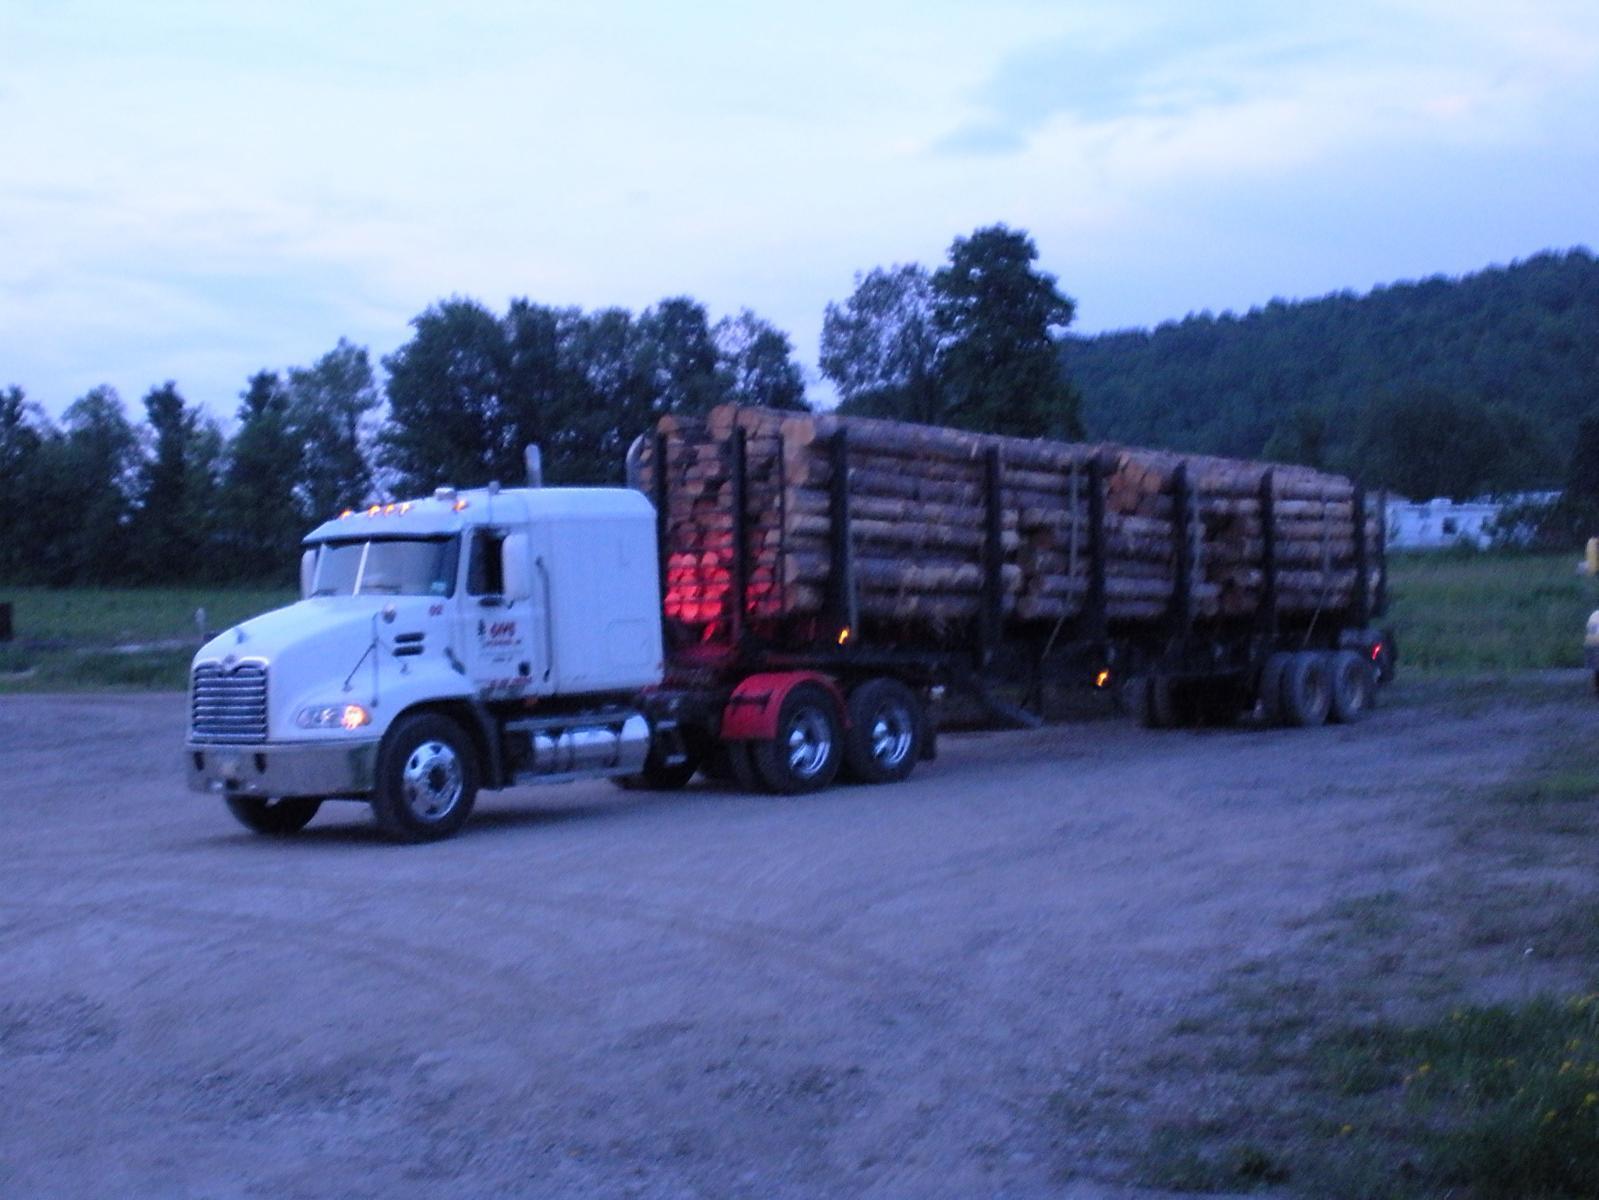 Mack truck 013.jpg